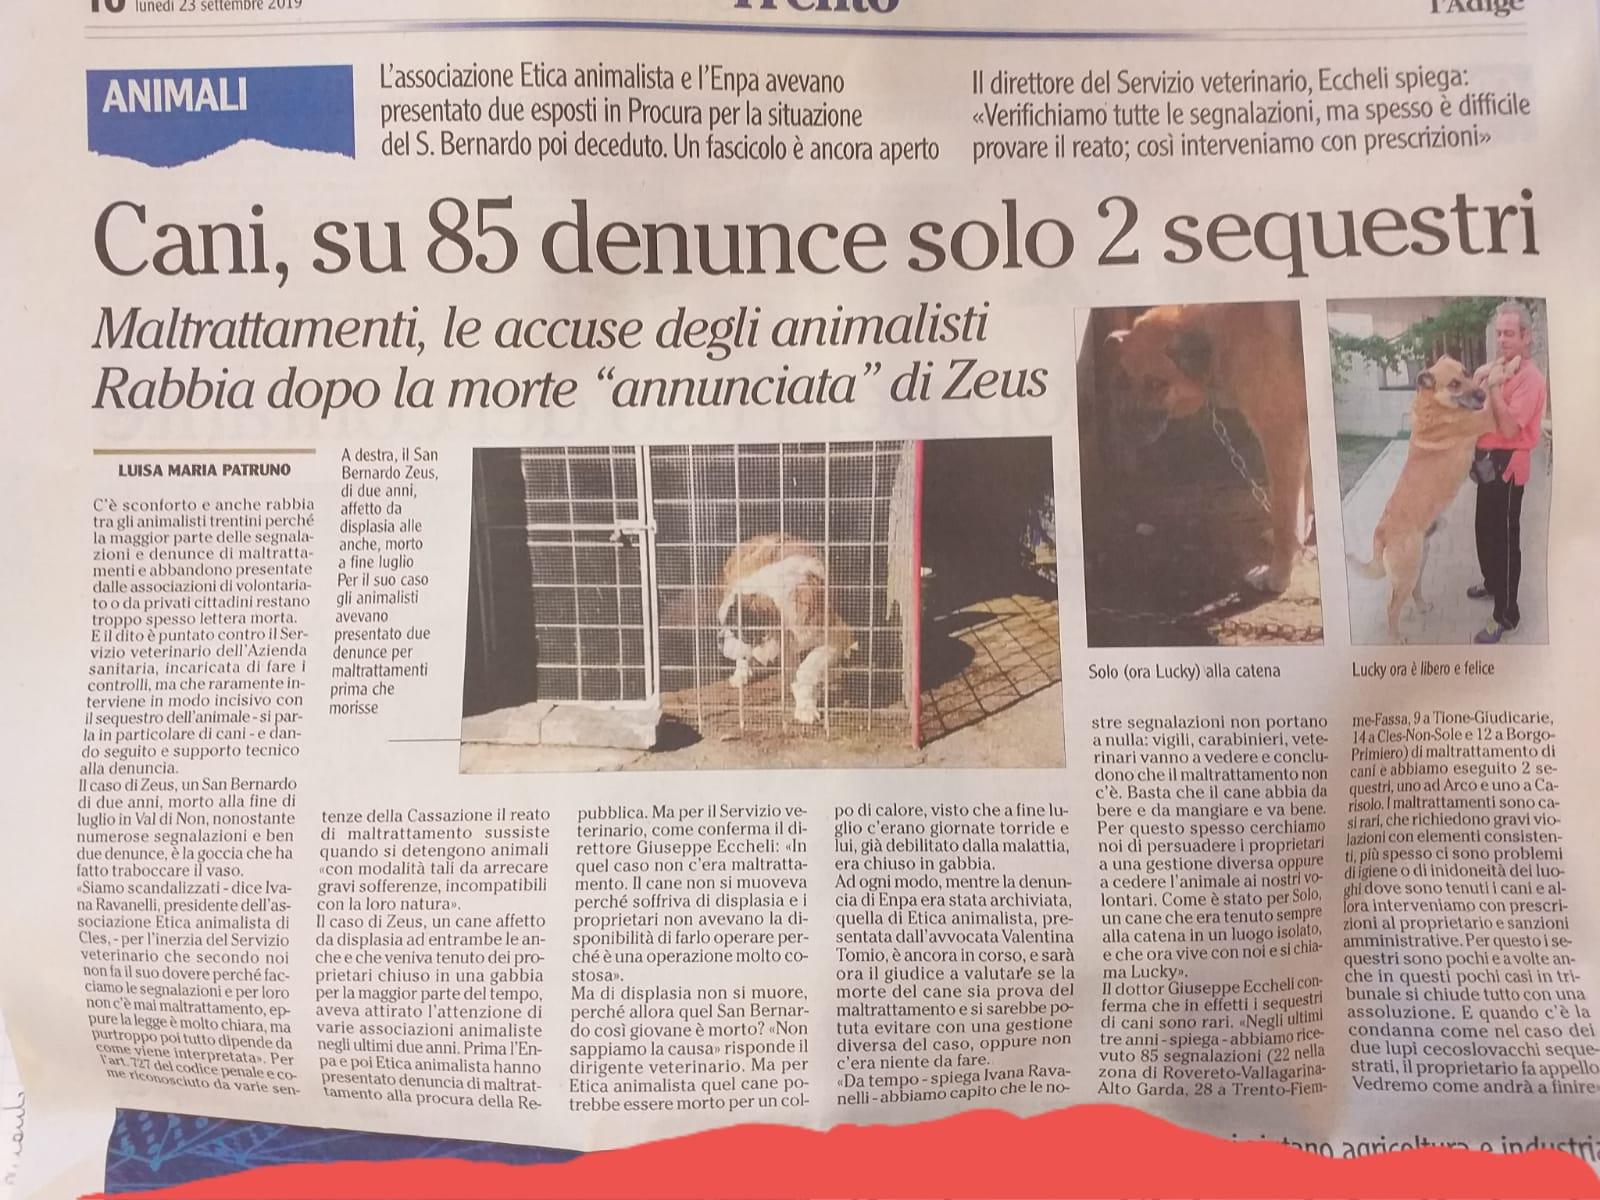 WhatsApp Image 2019 09 23 at 14.19.13 - Cani maltrattati, solo 2 sequestri su 85 segnalazioni (L'Adige) - blog-